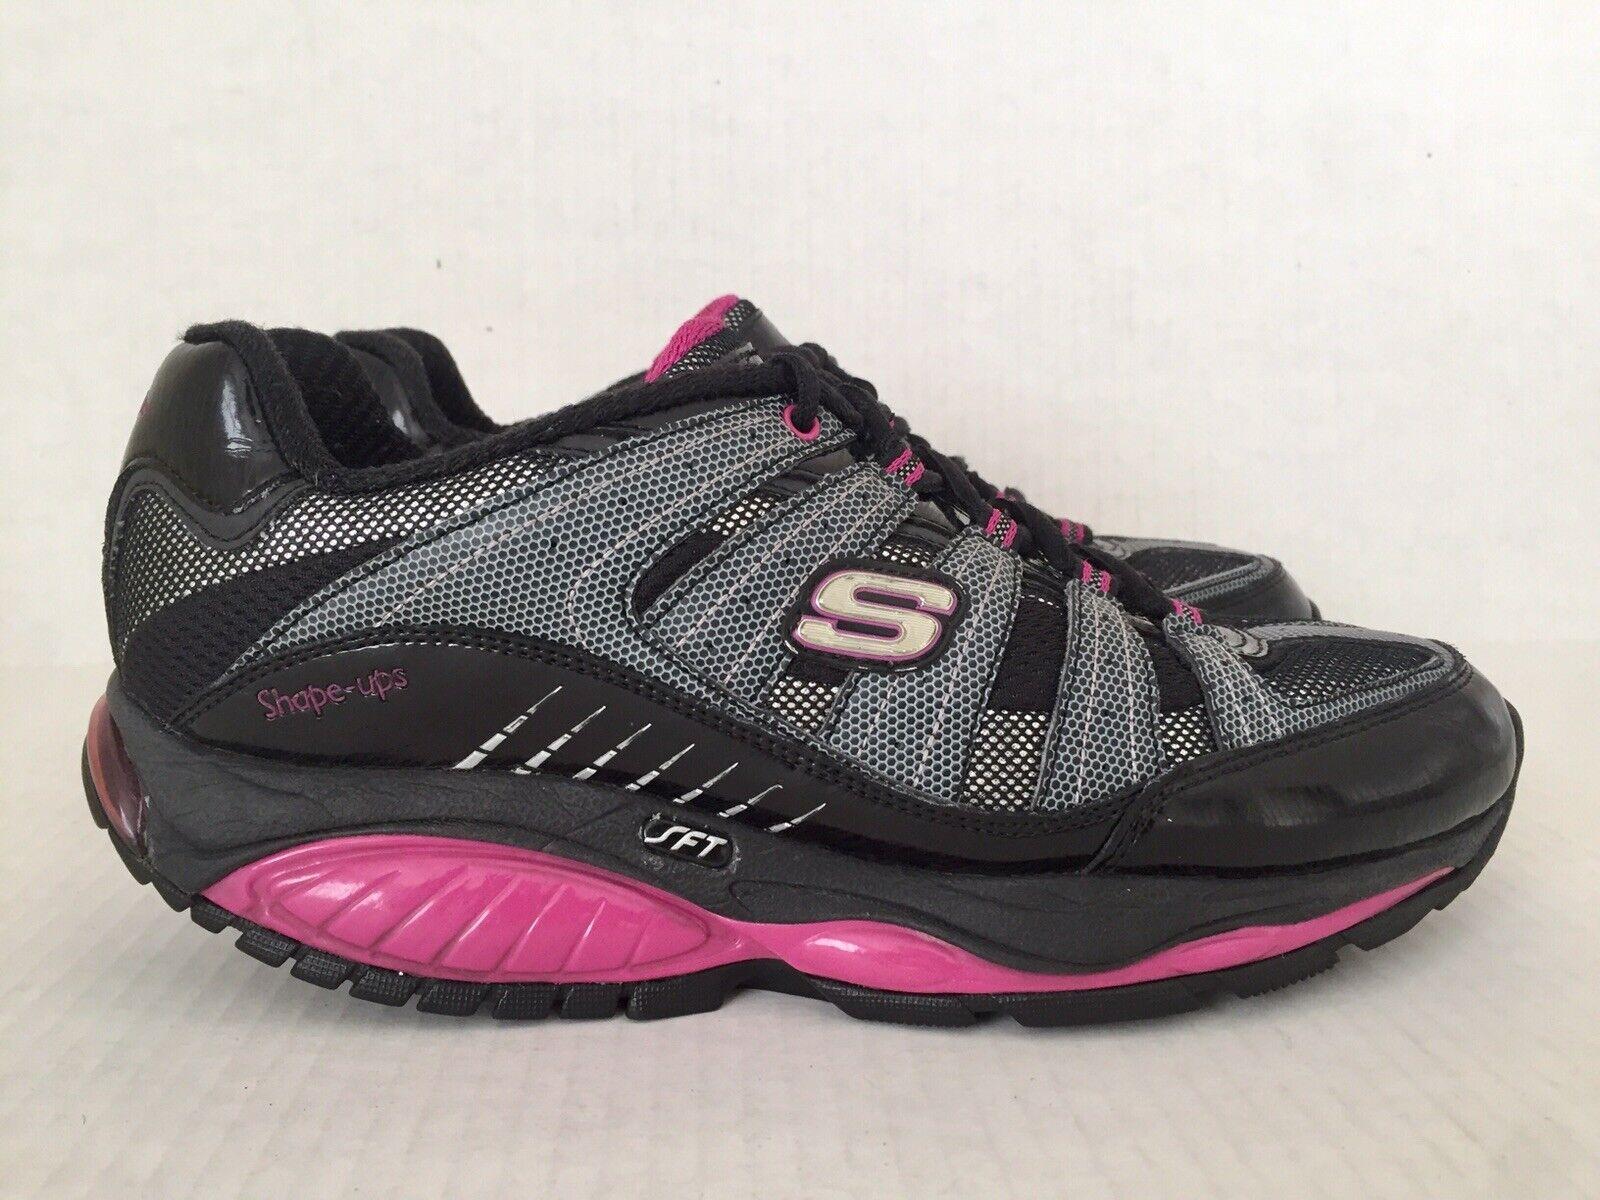 Skechers Shape-Ups SFT Kinetix Réponse tonification Fitness Marche Chaussures Wmn Sz 7 12340